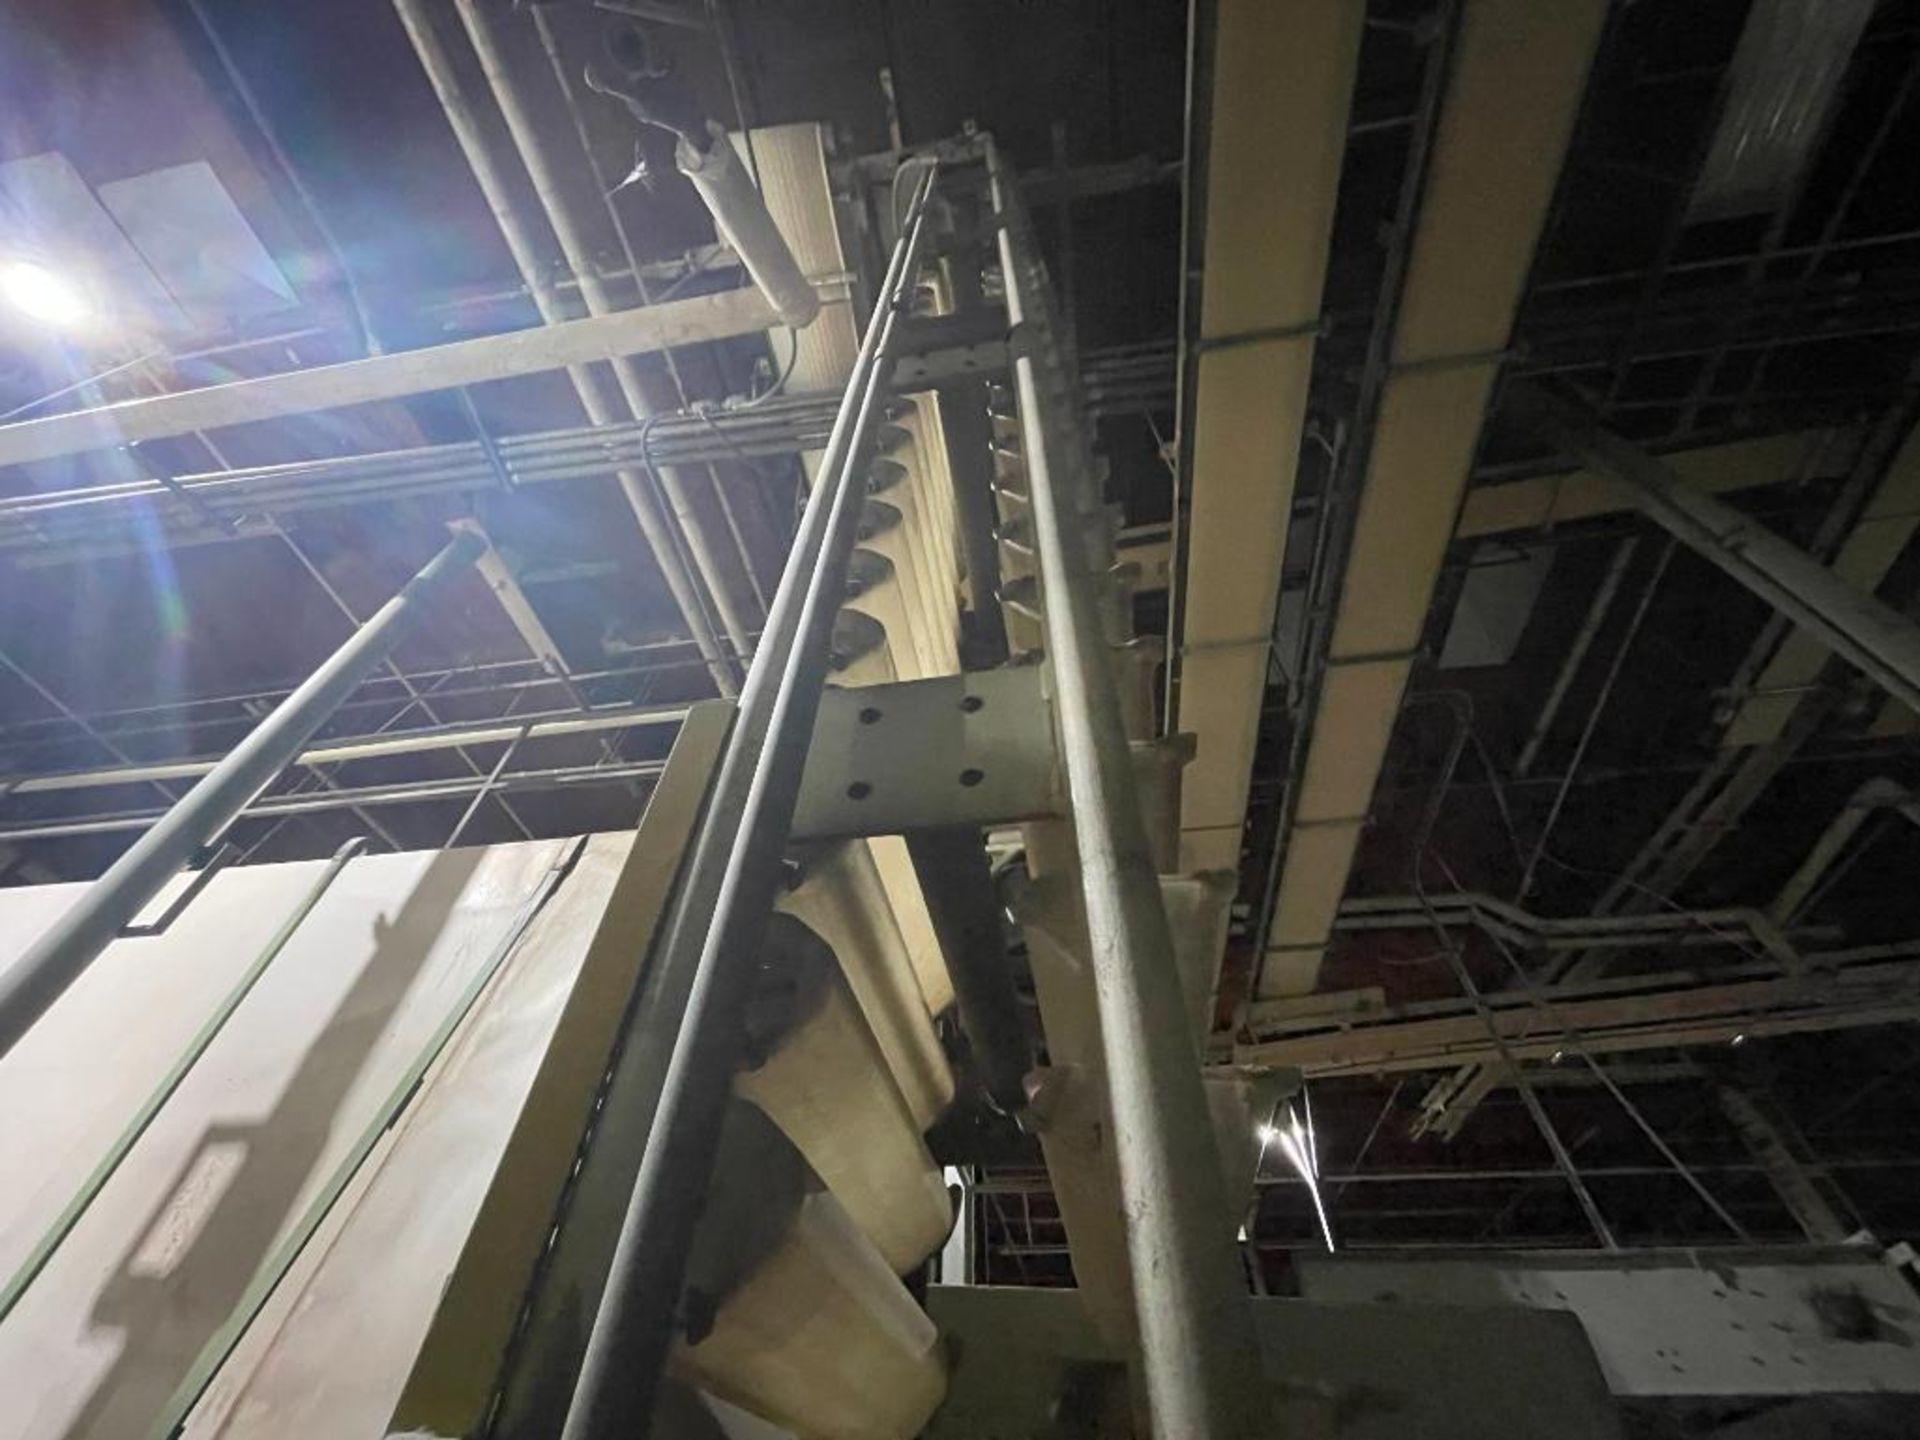 Aseeco overlapping bucket elevator - Image 14 of 14